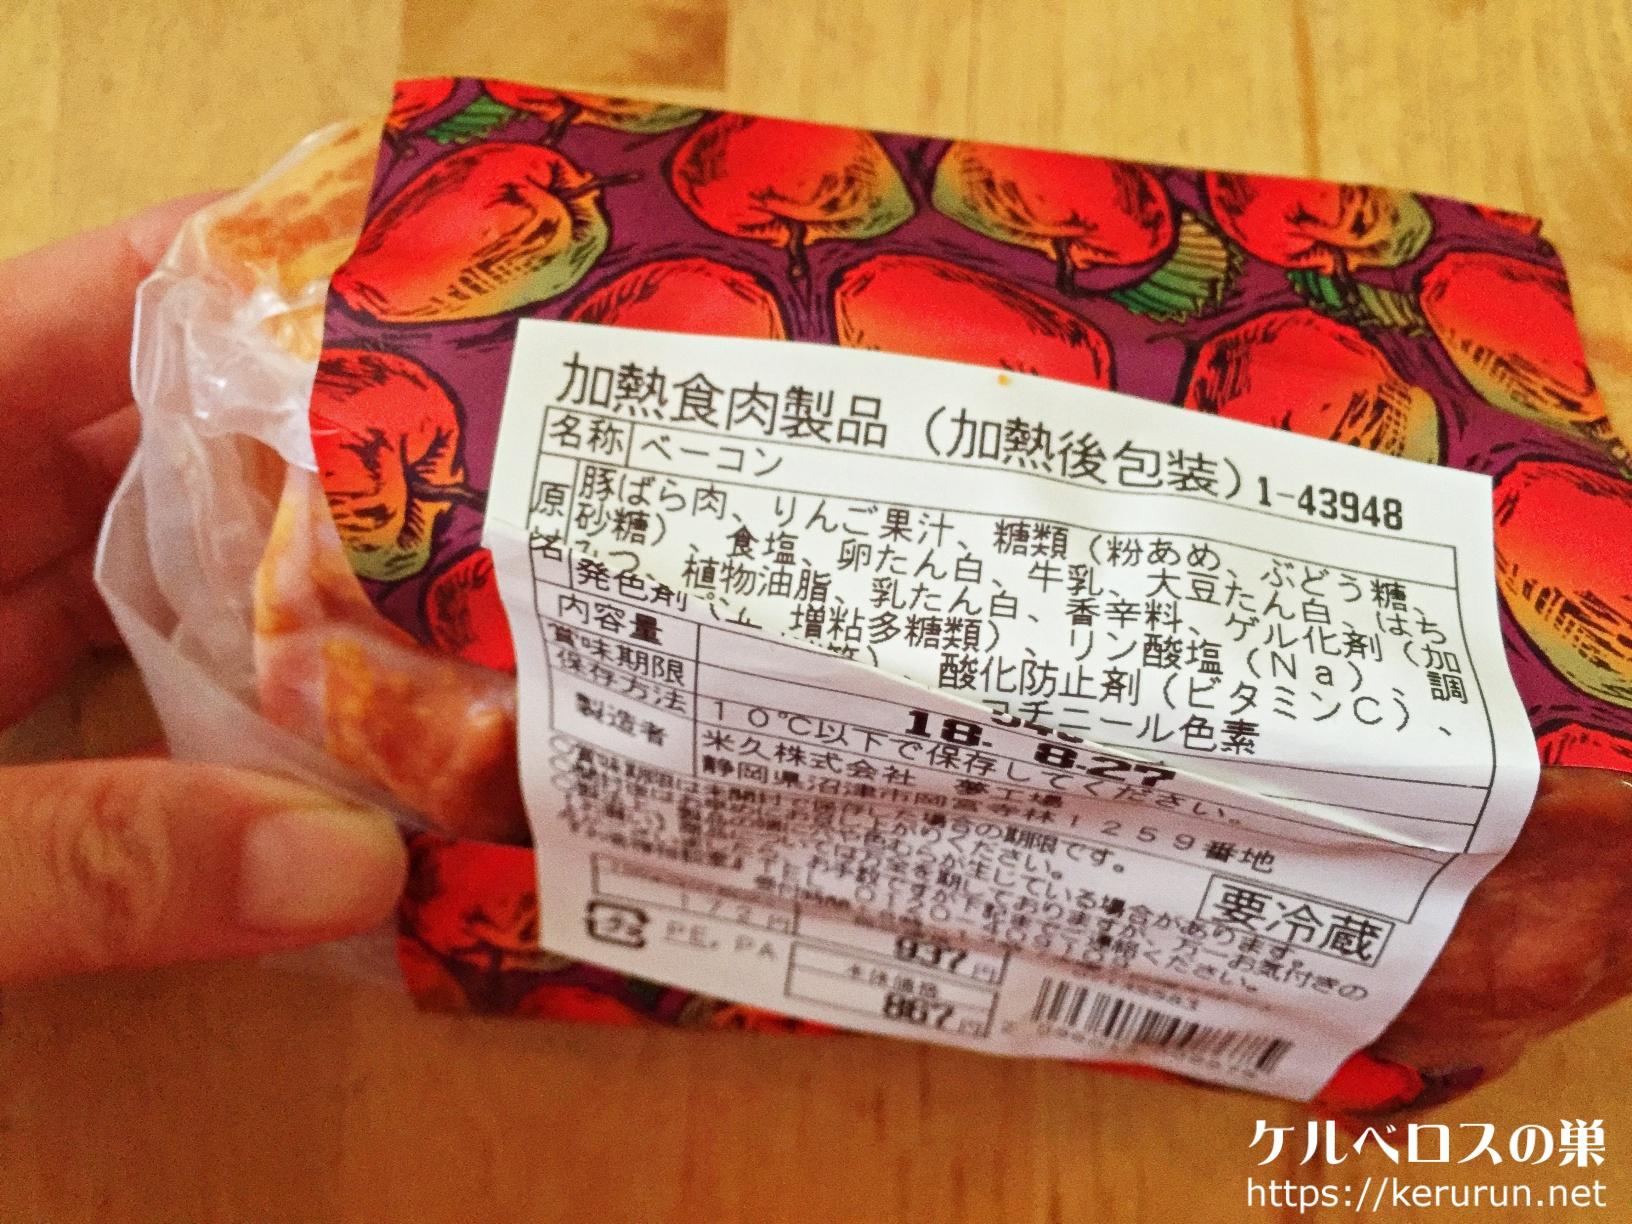 【コストコ】米久アップルスモークドベーコン(林檎のベーコン)